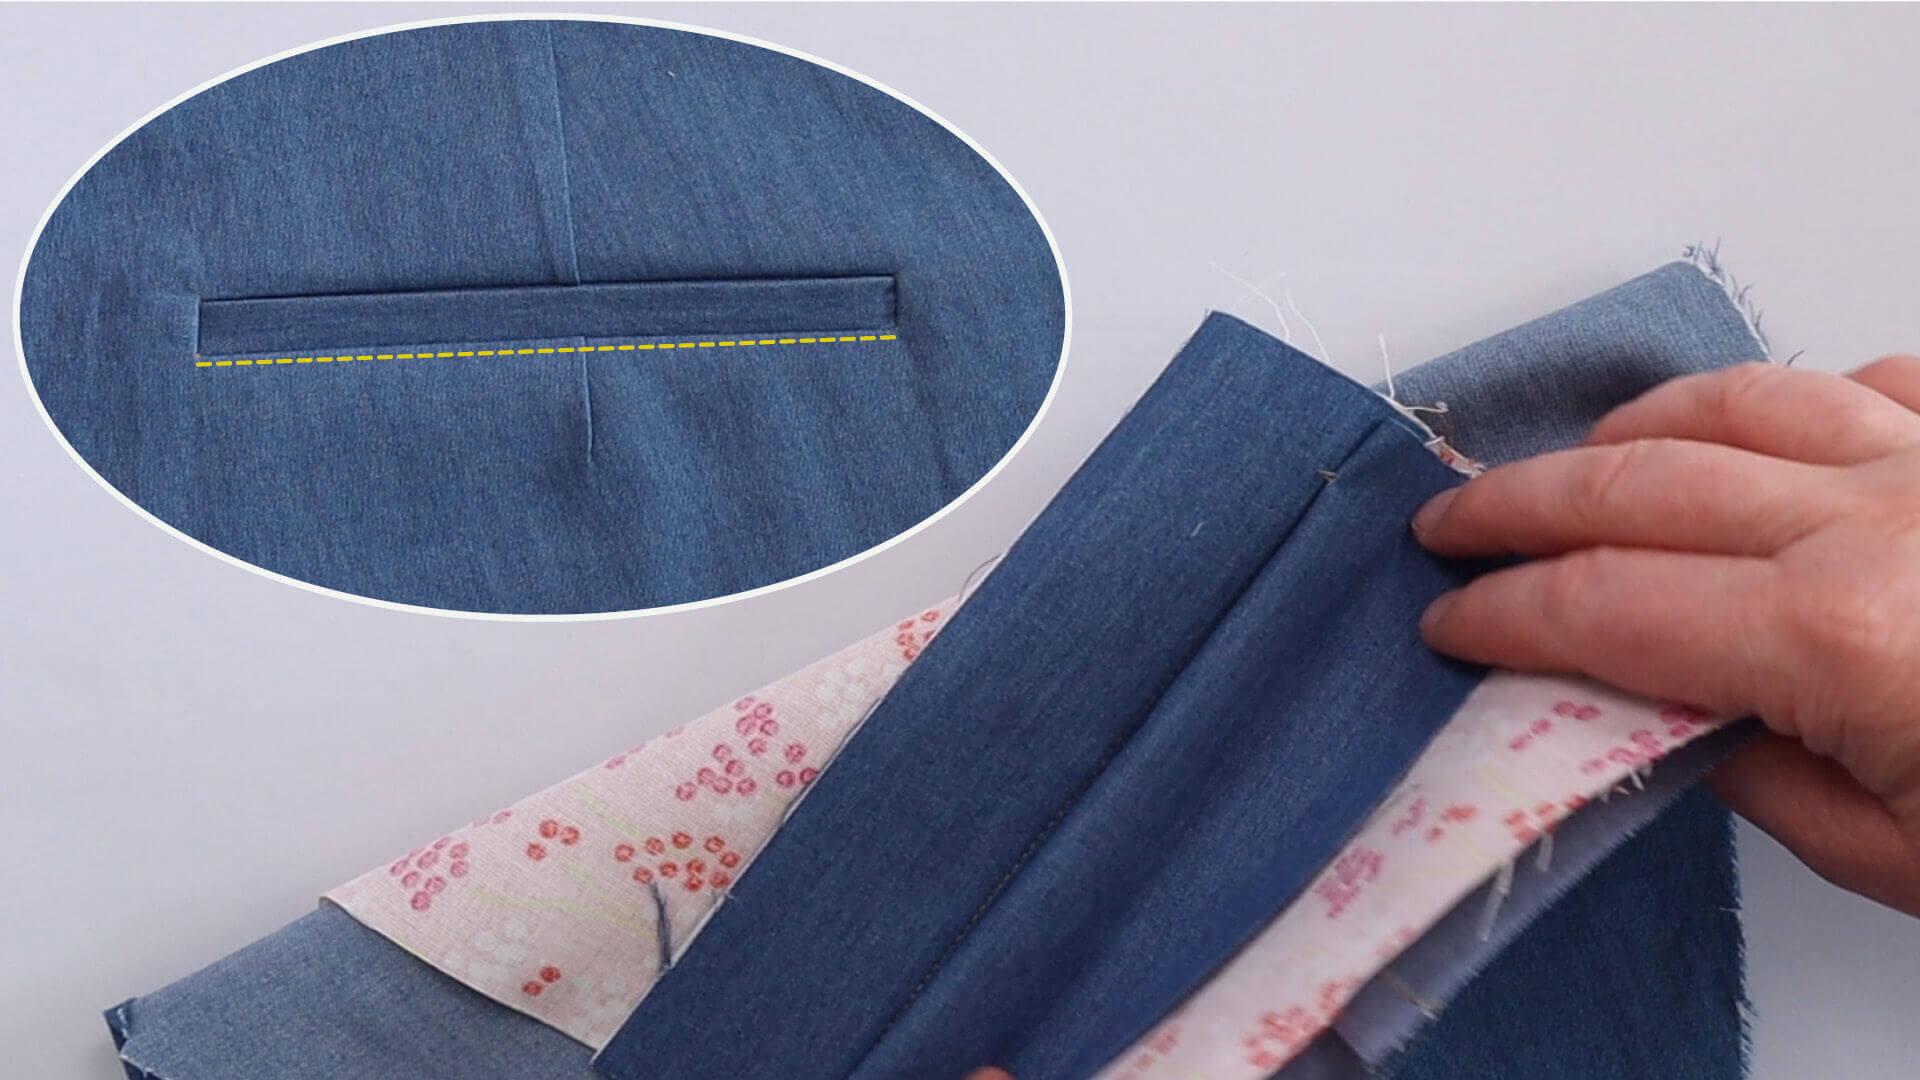 Hochklappen des Taschenbeutelbeleges vor dem Absteppen der unteren Paspelansatznaht beim nähen einer einseitigen Hosentasche